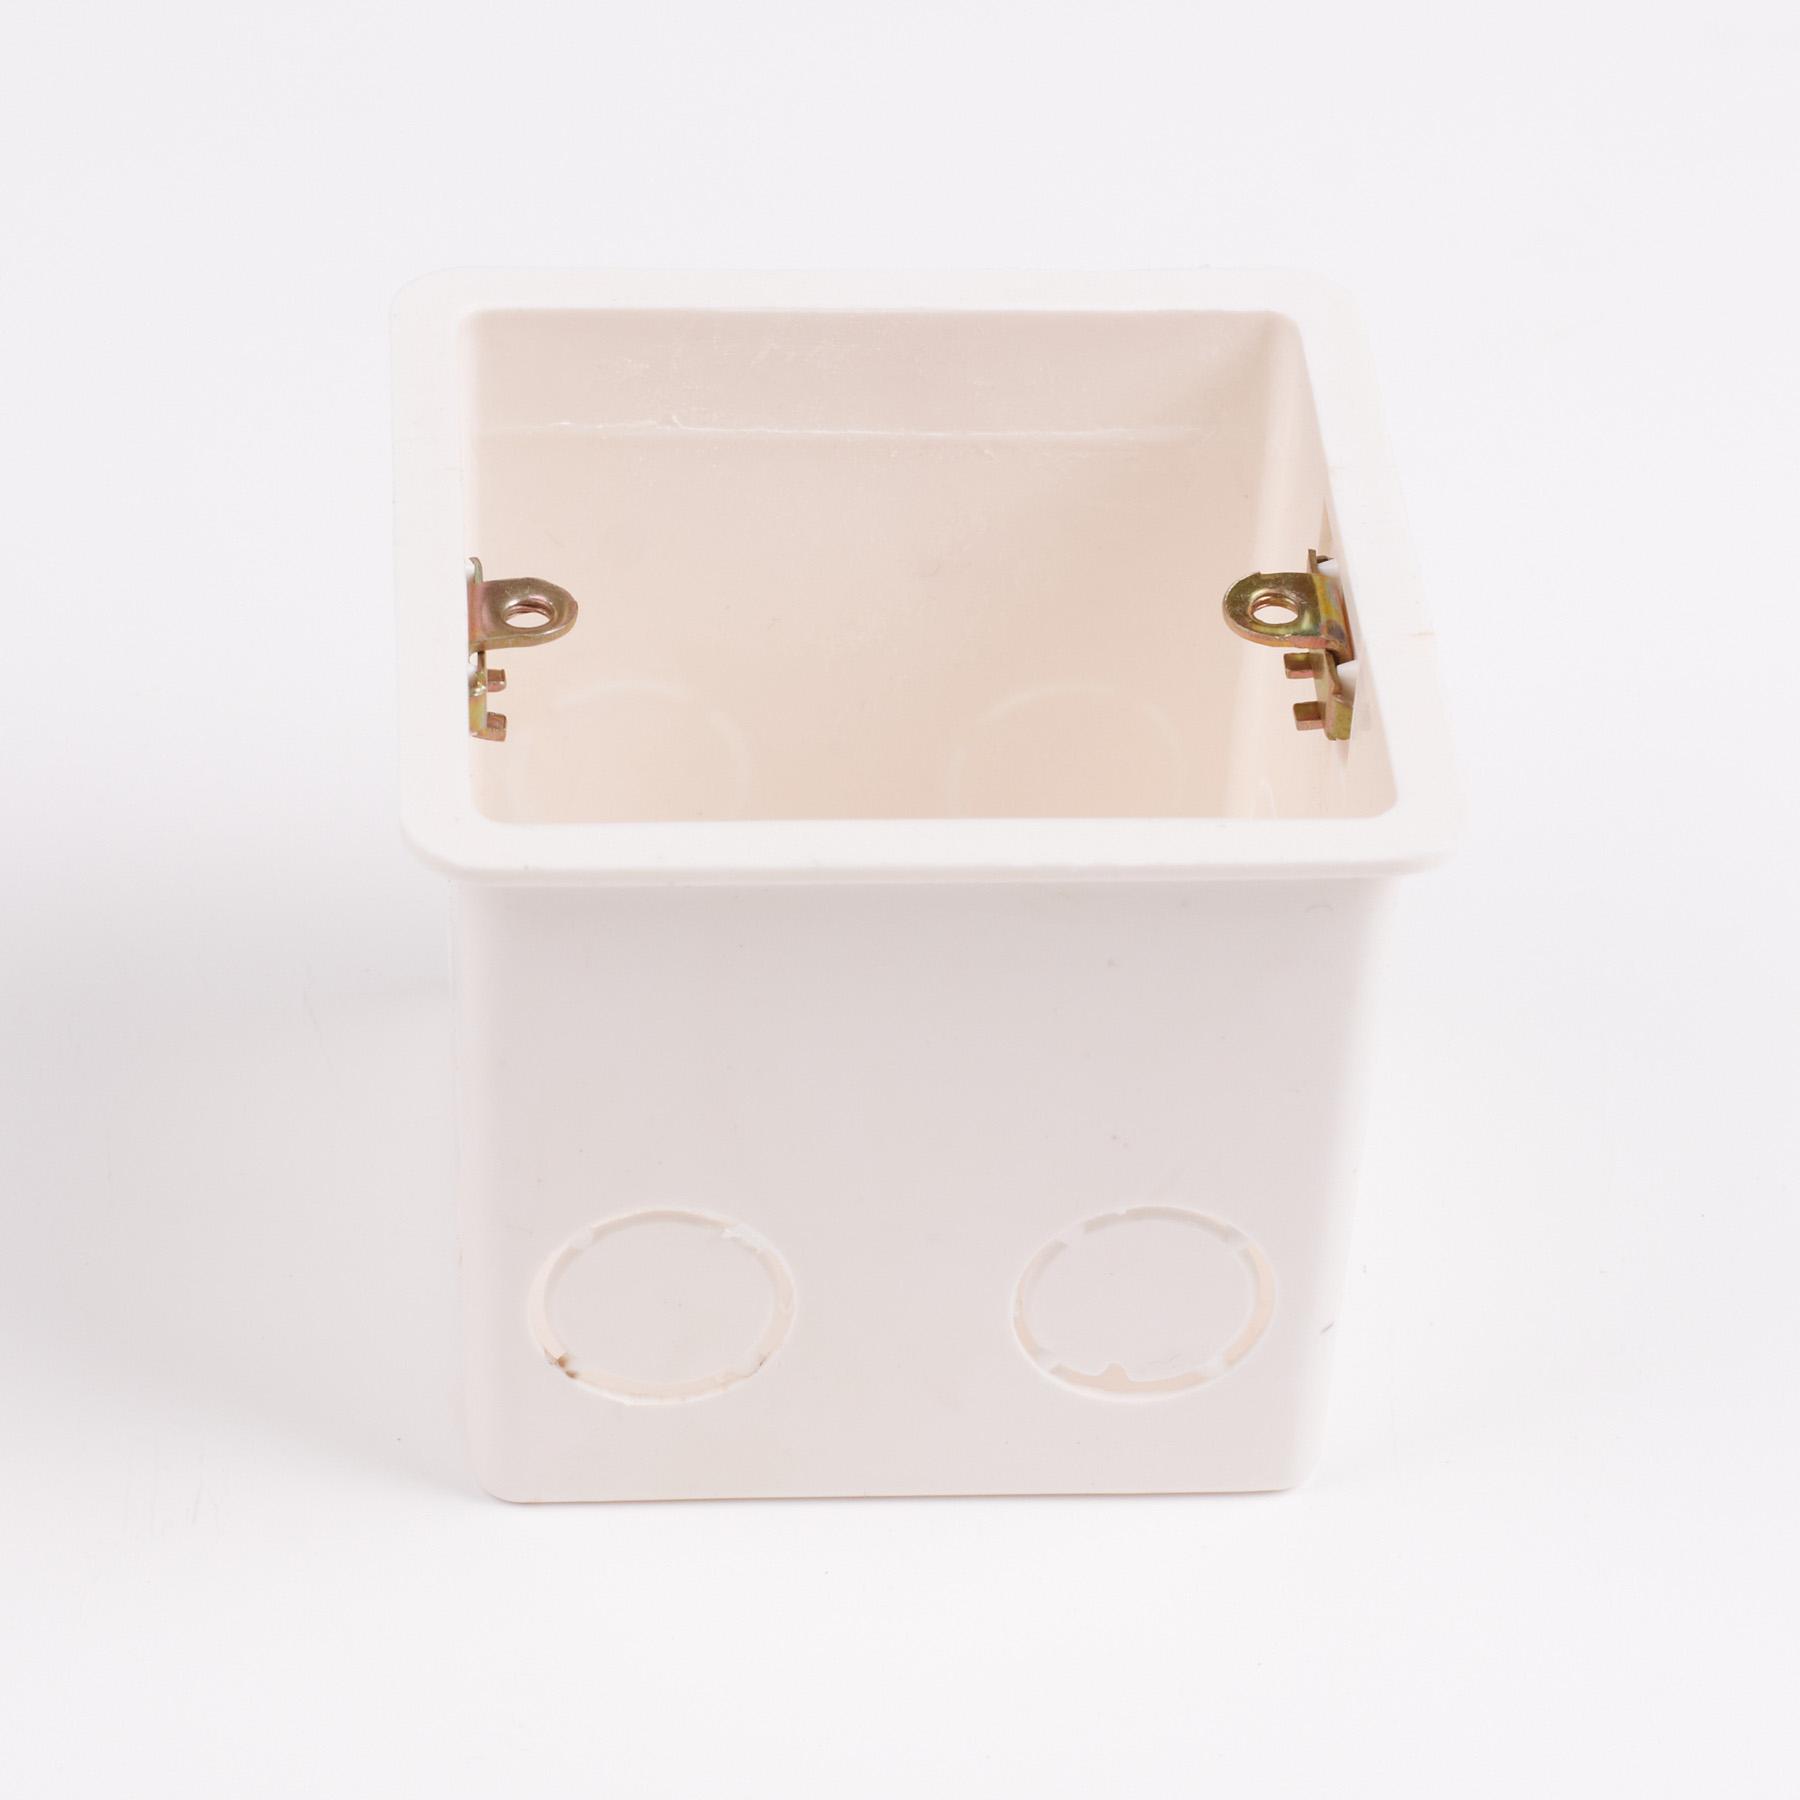 Электрическая коробка, углубились в конце 86 нижней строке не волнуйтесь поле в конце коробки глубина 7 см